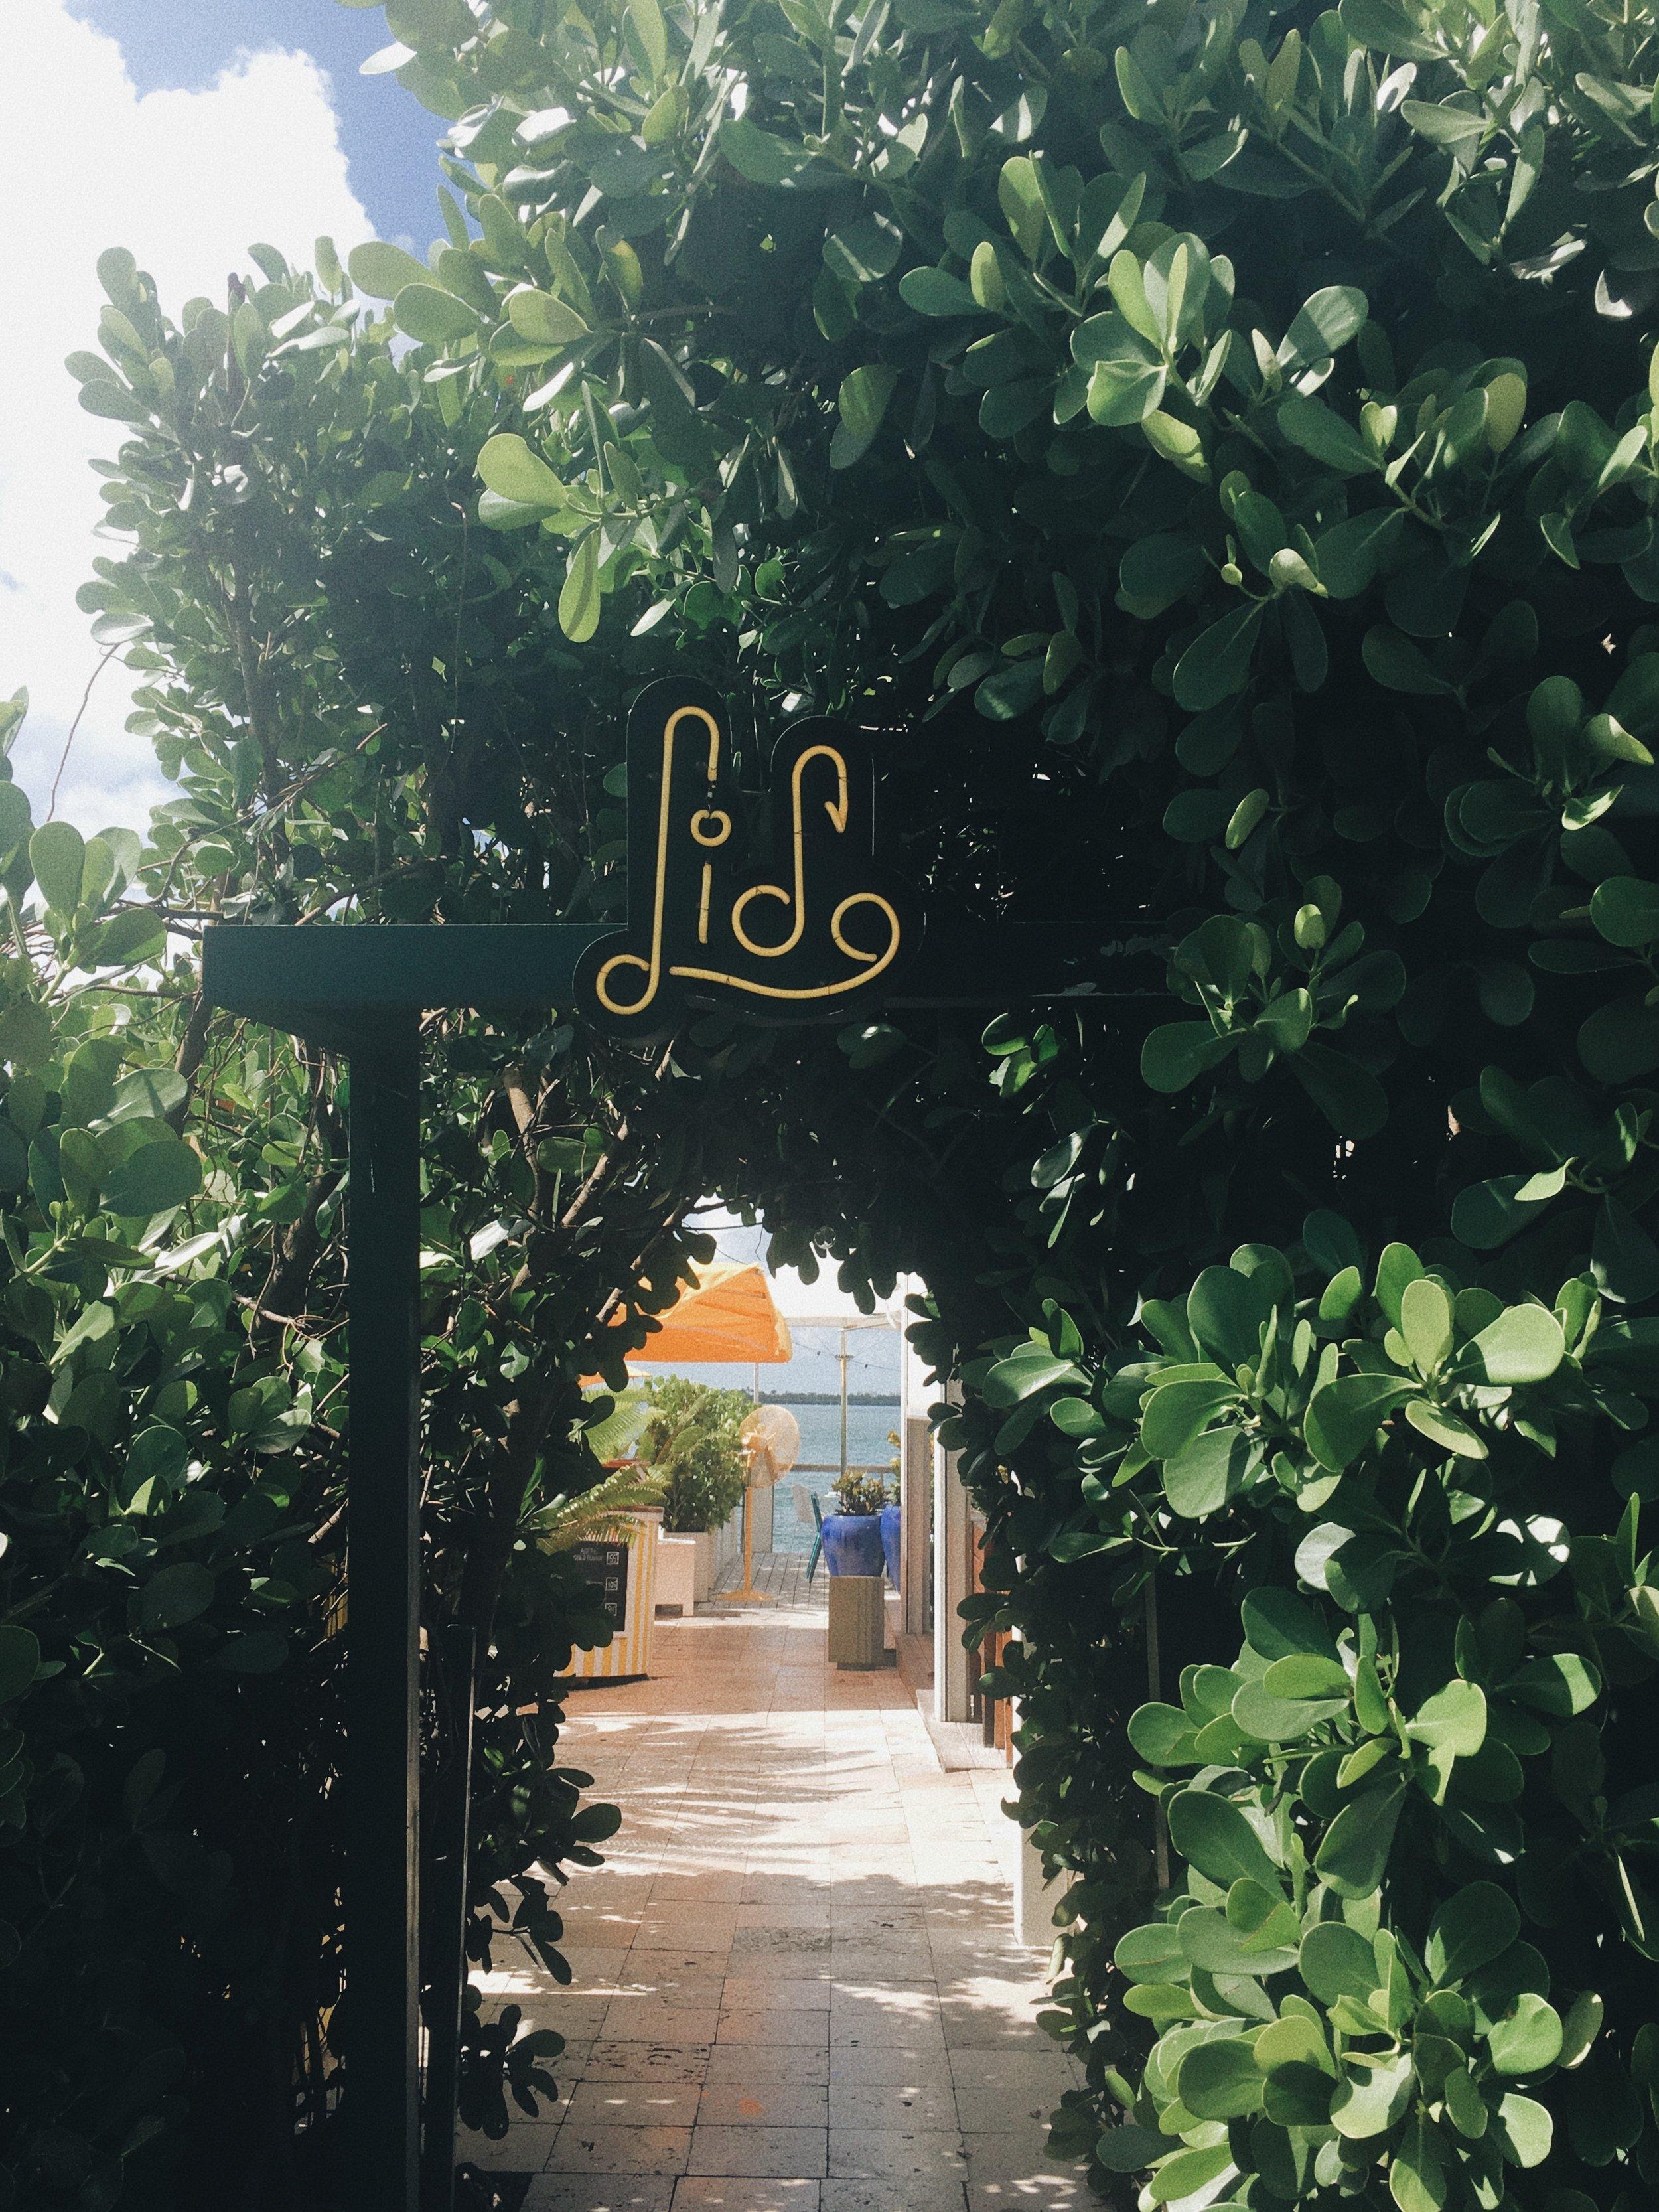 Lido Bayside Grill at The Standard Spa, Miami Beach | 40 Island Ave, Miami Beach, FL 33139